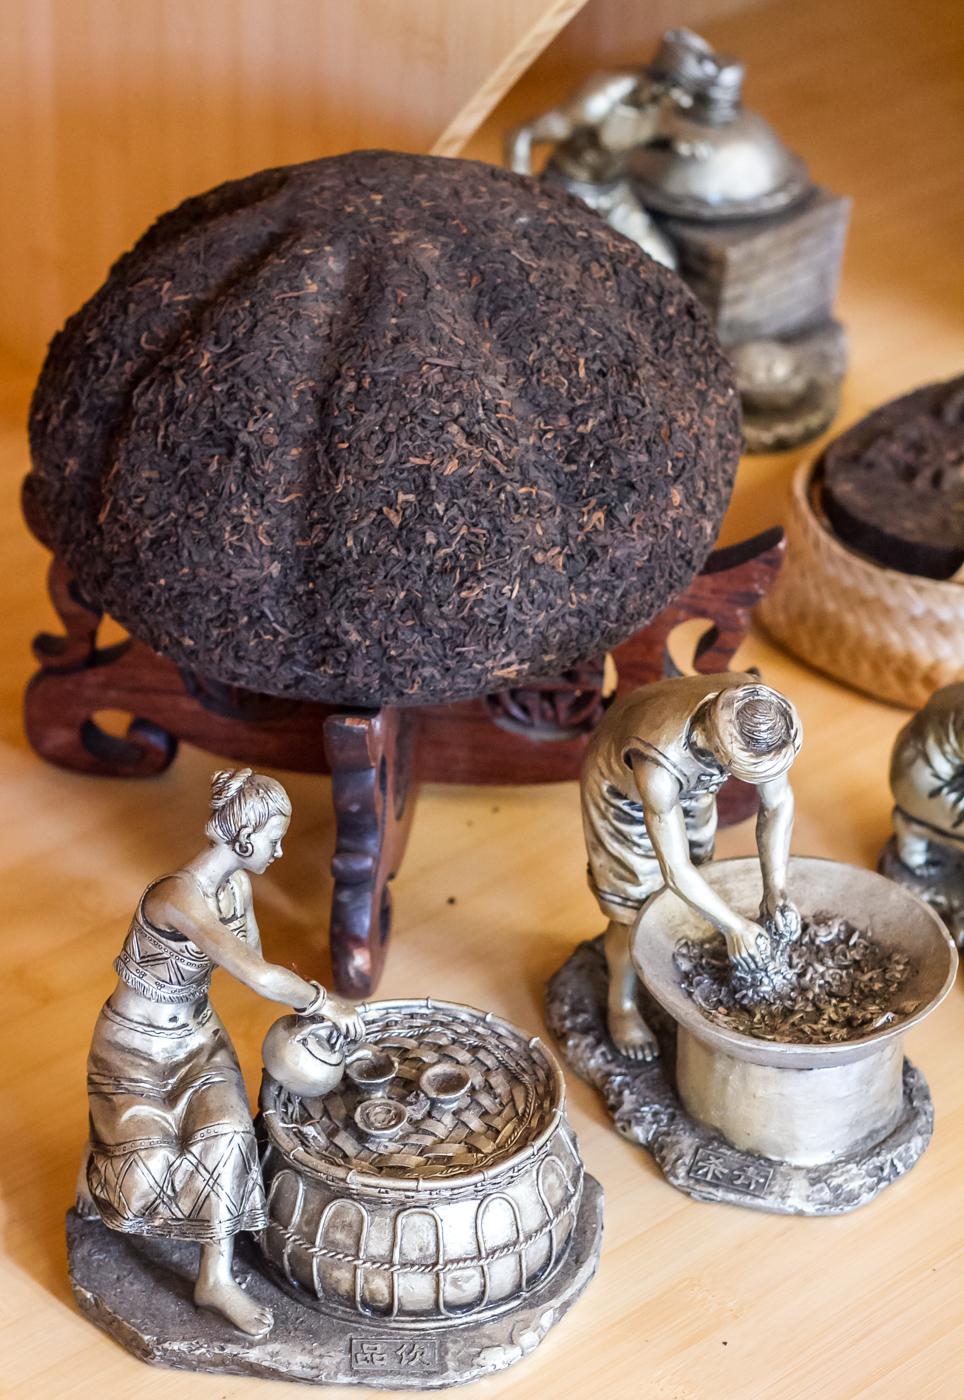 Exhibits at the Tea Museum in Lagunitas